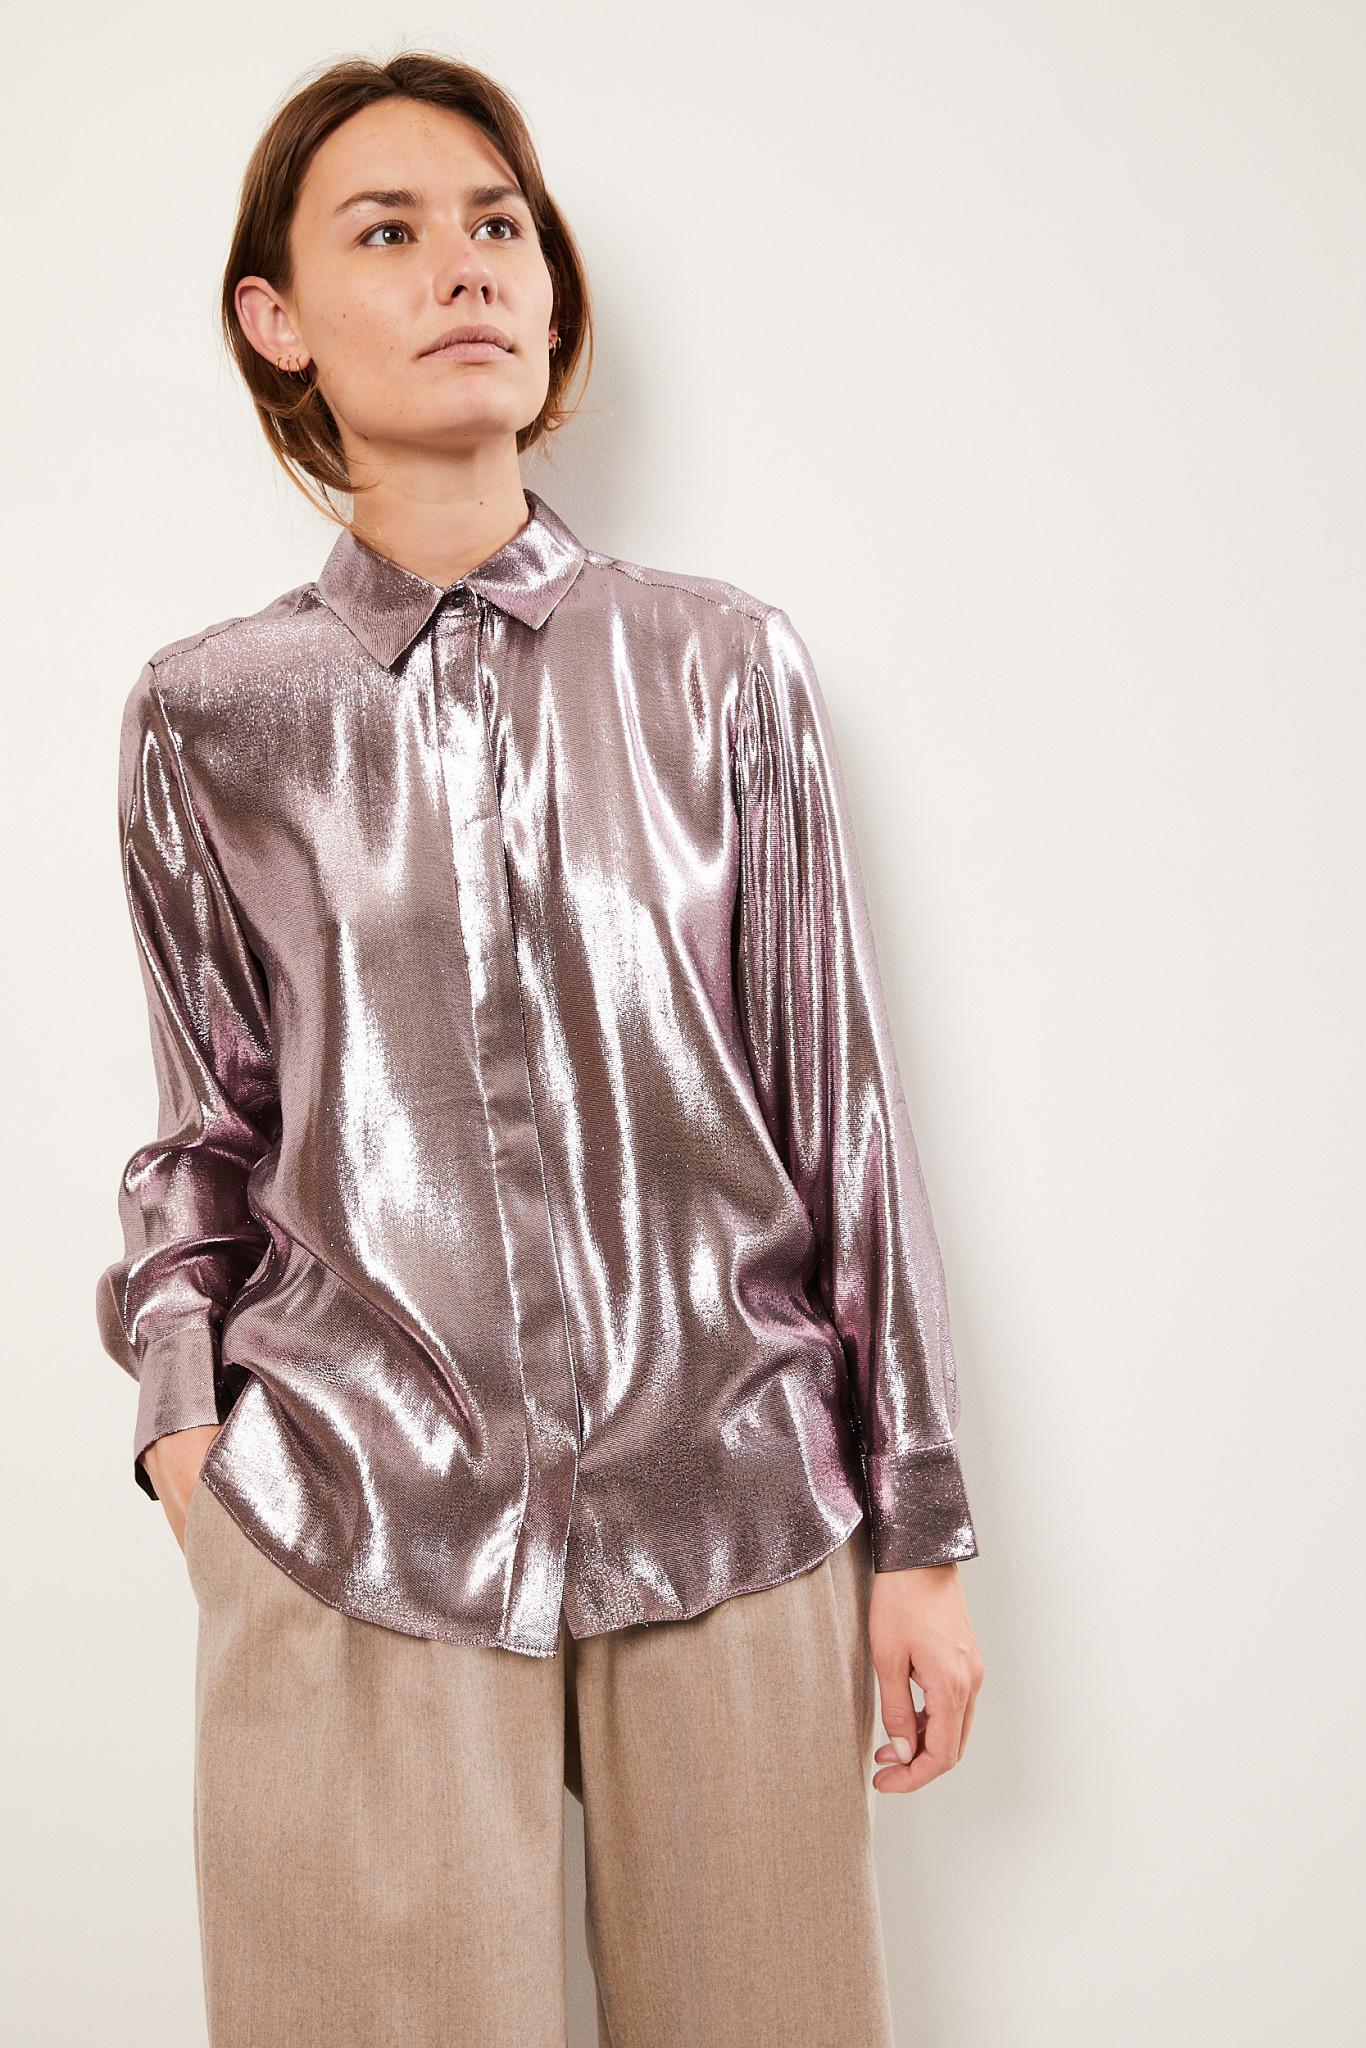 inDRESS - Cumin shirt